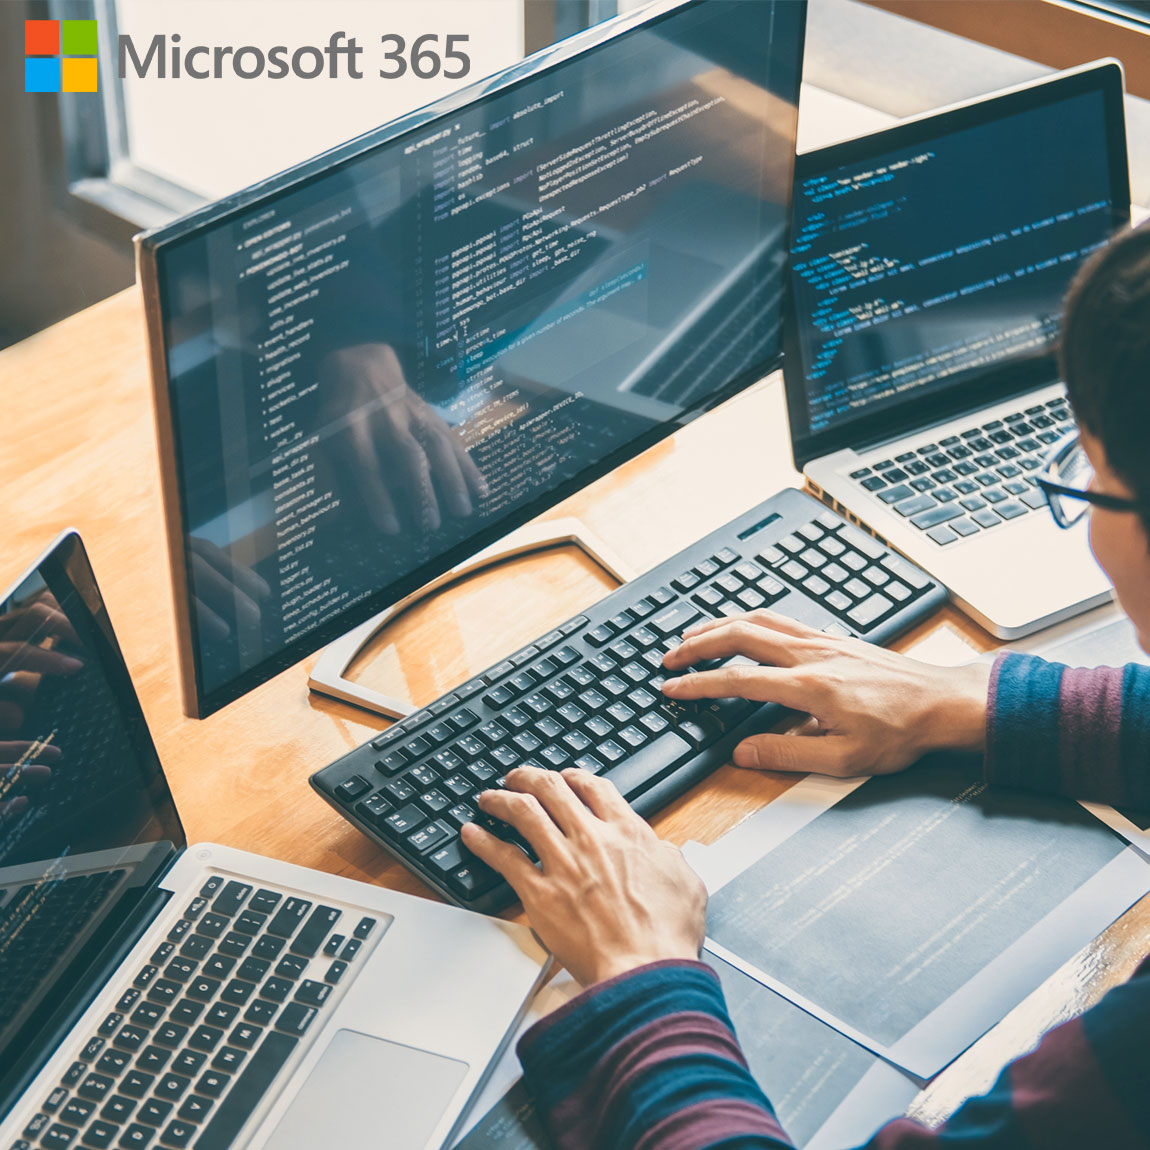 Move-To-Microsoft 365 Check